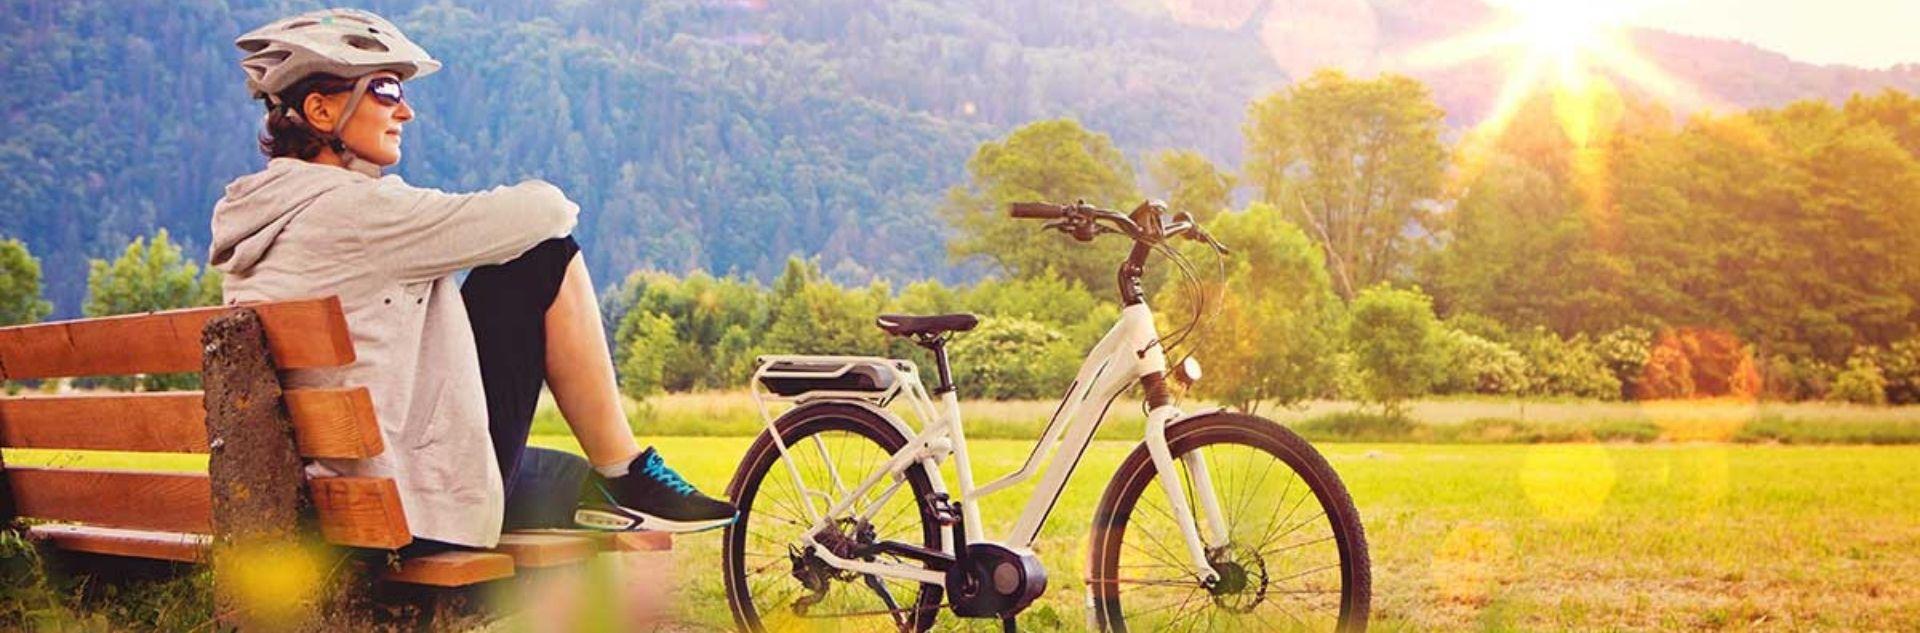 Belvelo Reisen, Frau im Grünen mit Fahrrad